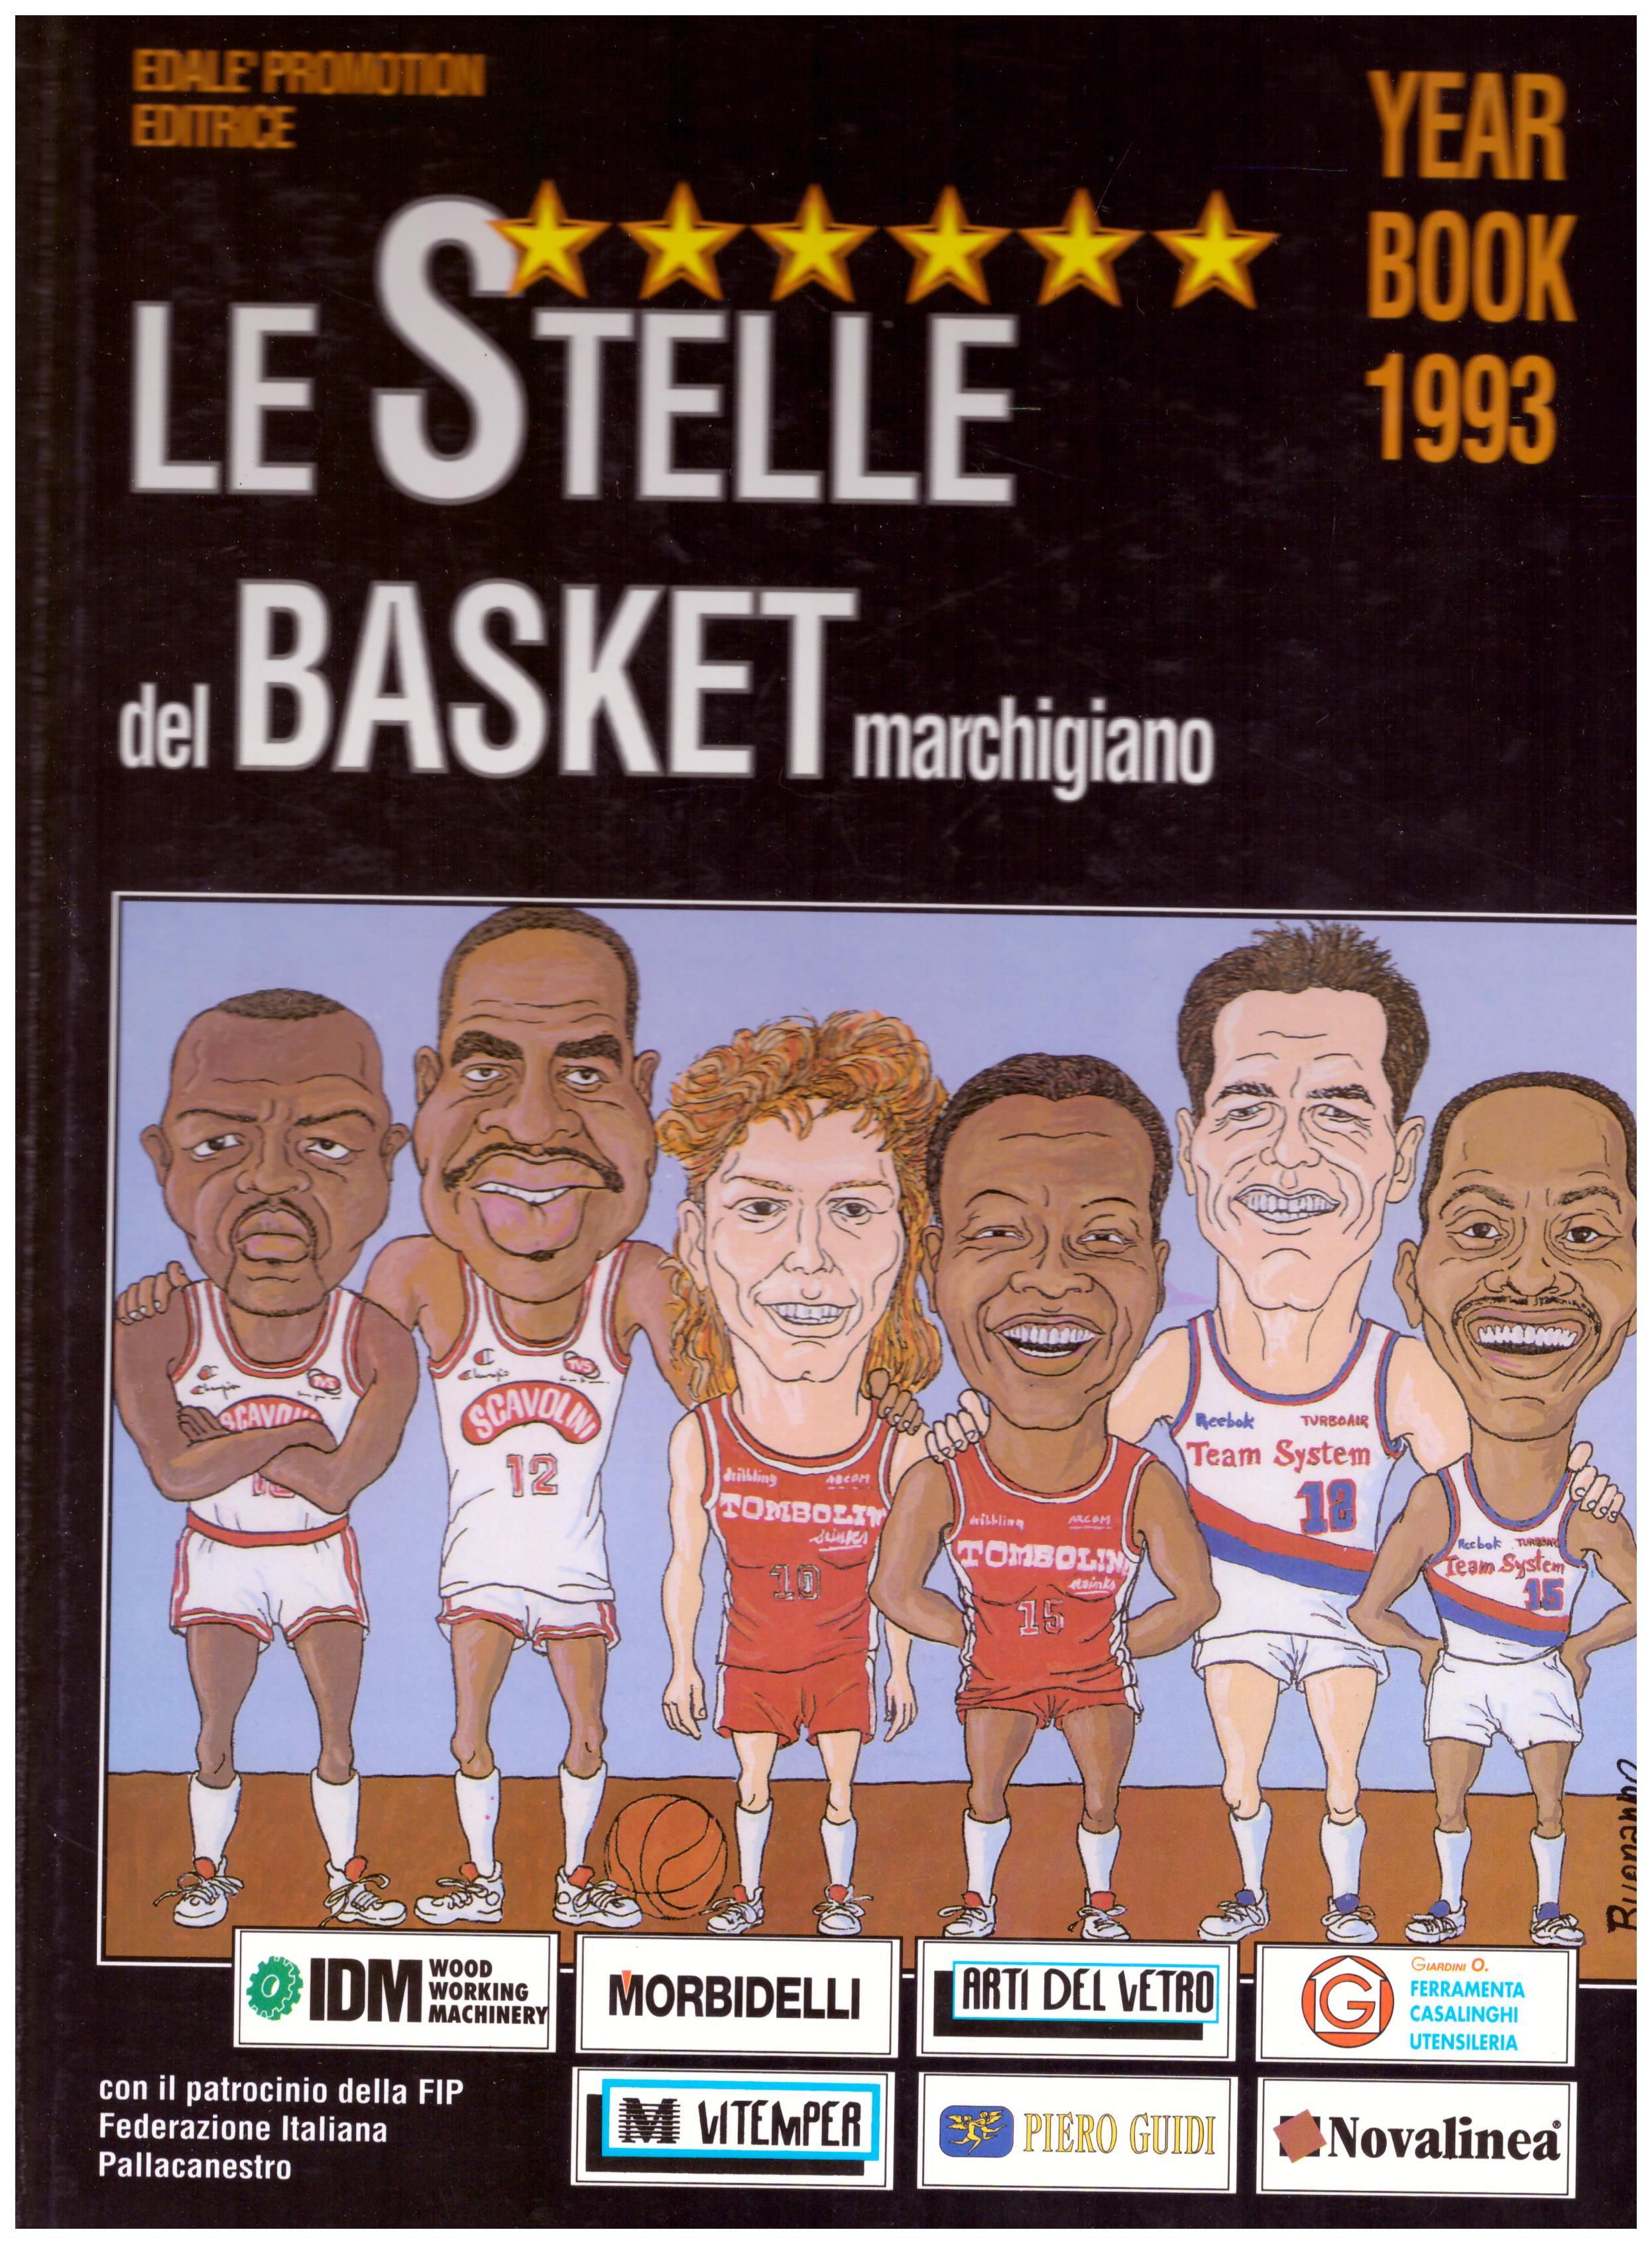 Titolo: Le stelle del basket marchigiano Autore: AA.VV.   Editore: edalè promotion